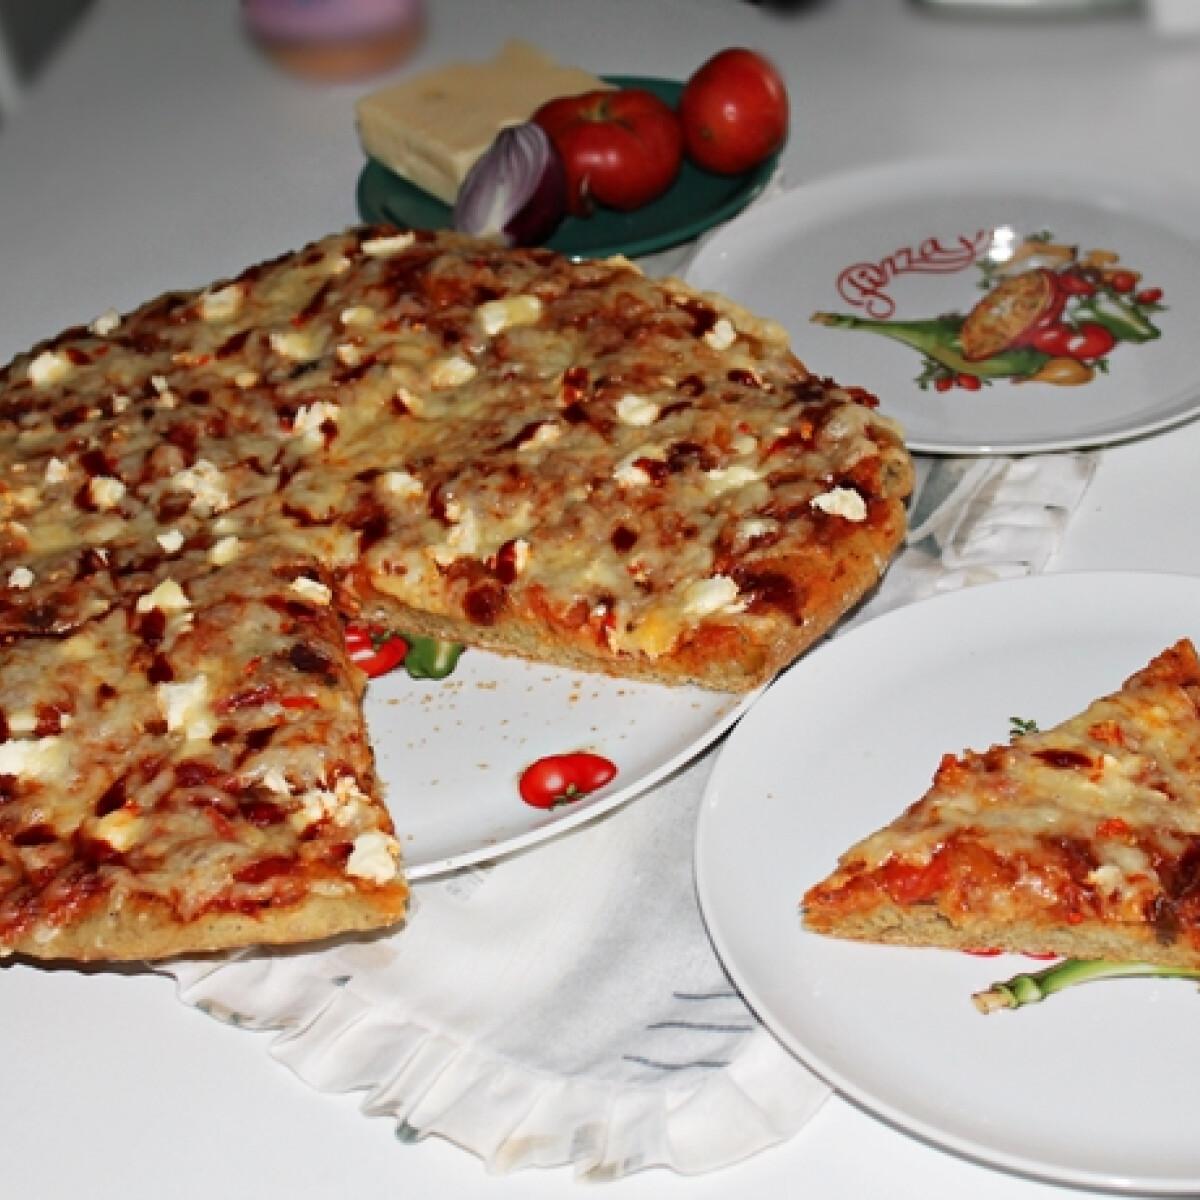 Ezen a képen: Teljes kiőrlésű pizza sok finomsággal, házi pizzaszósszal